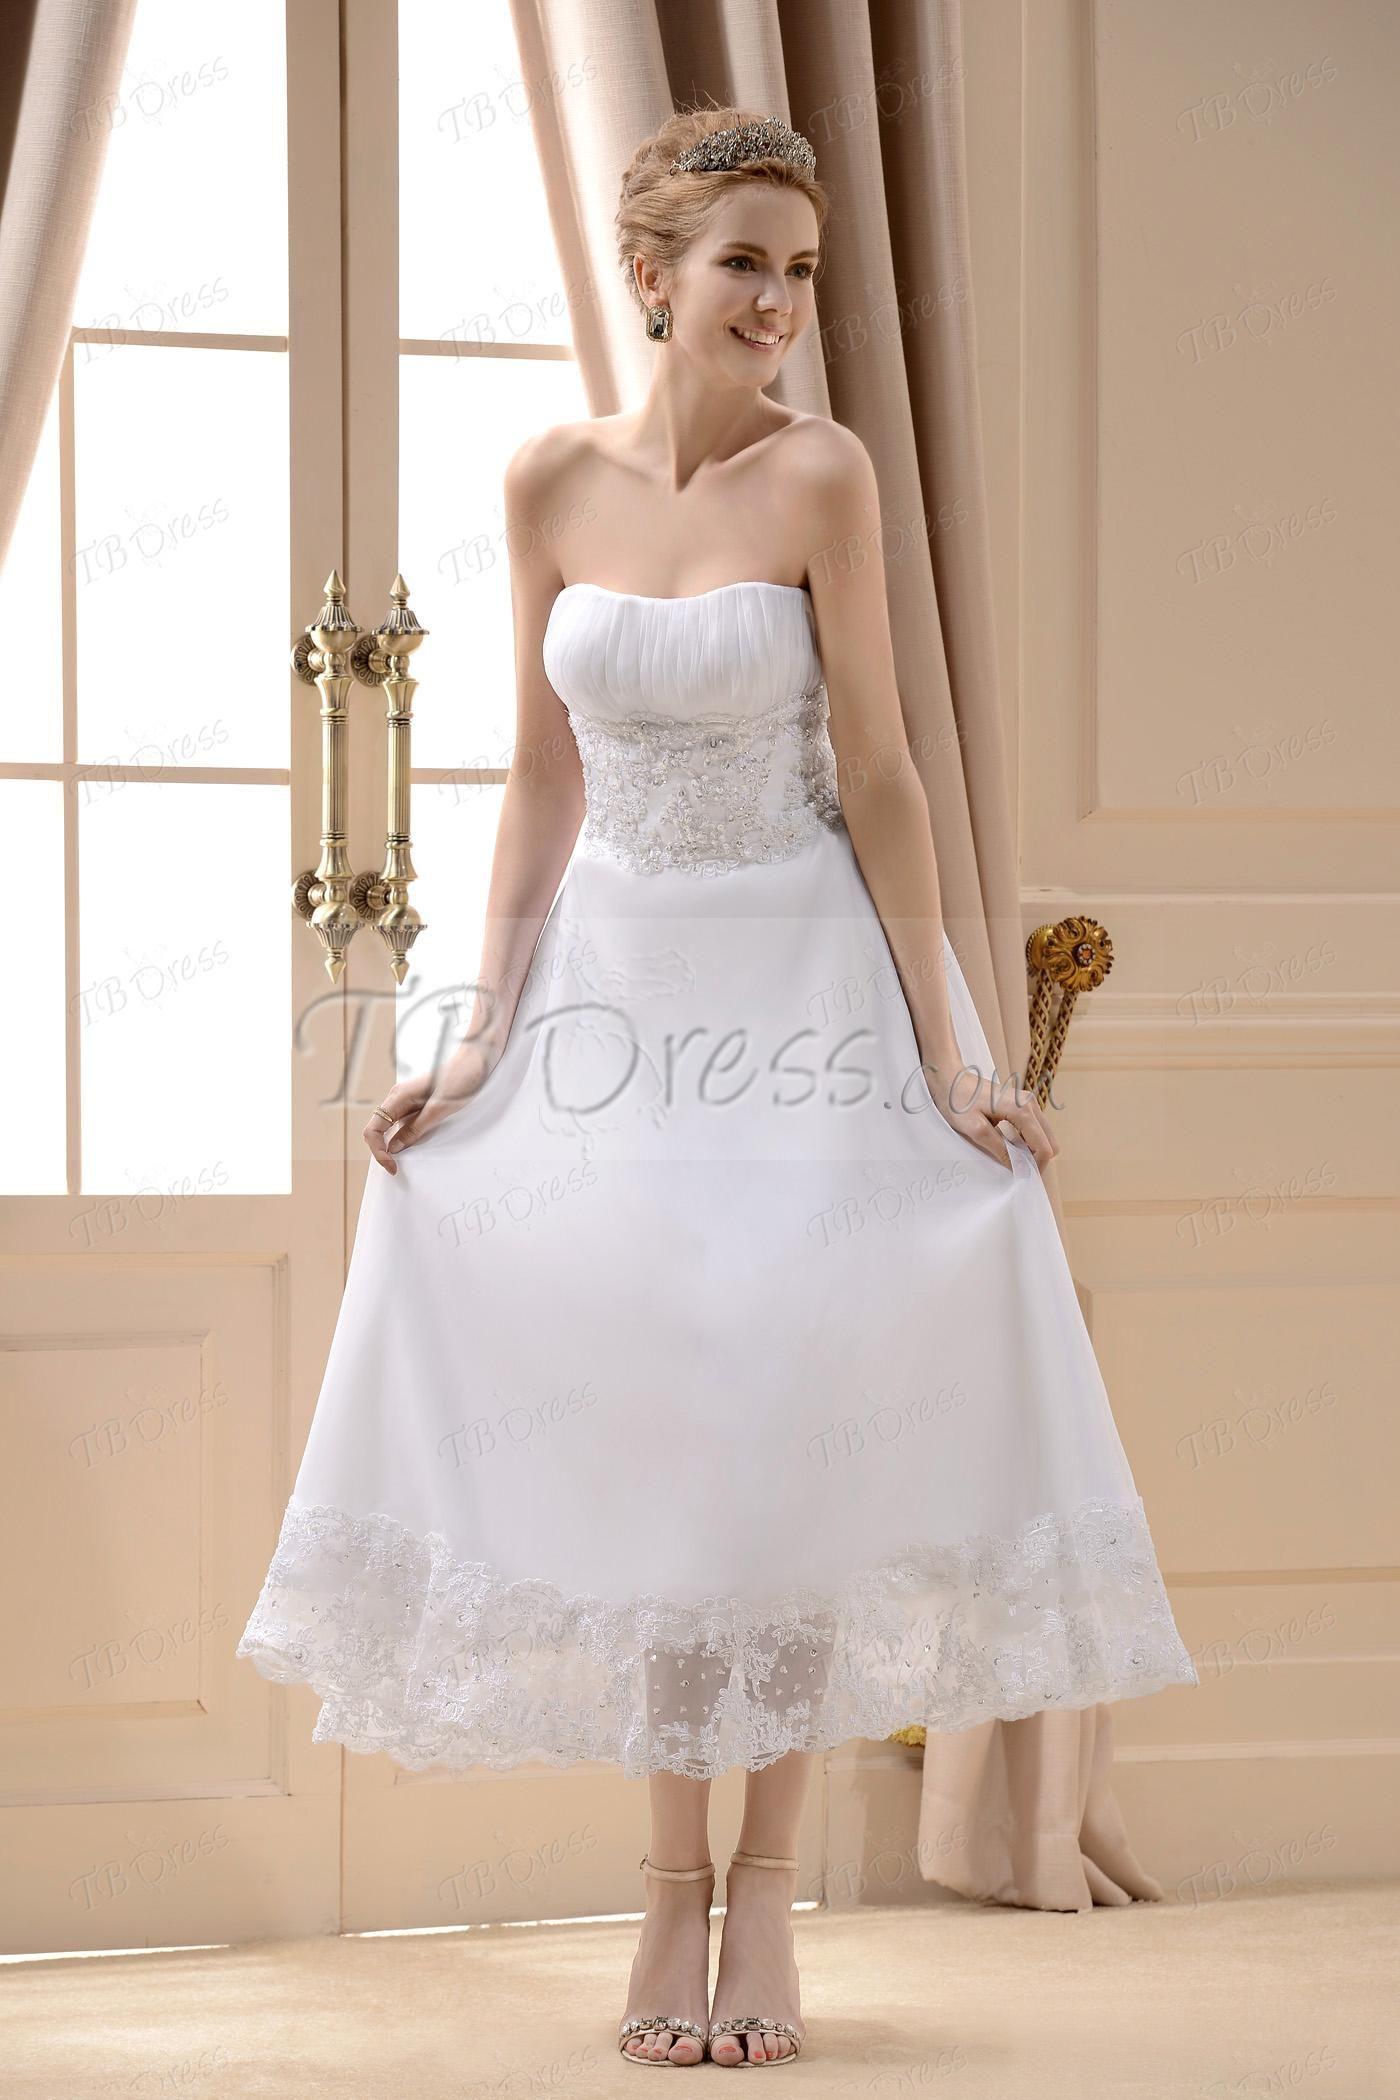 mi boda =) | Vestidos | Pinterest | Boda y Vestiditos